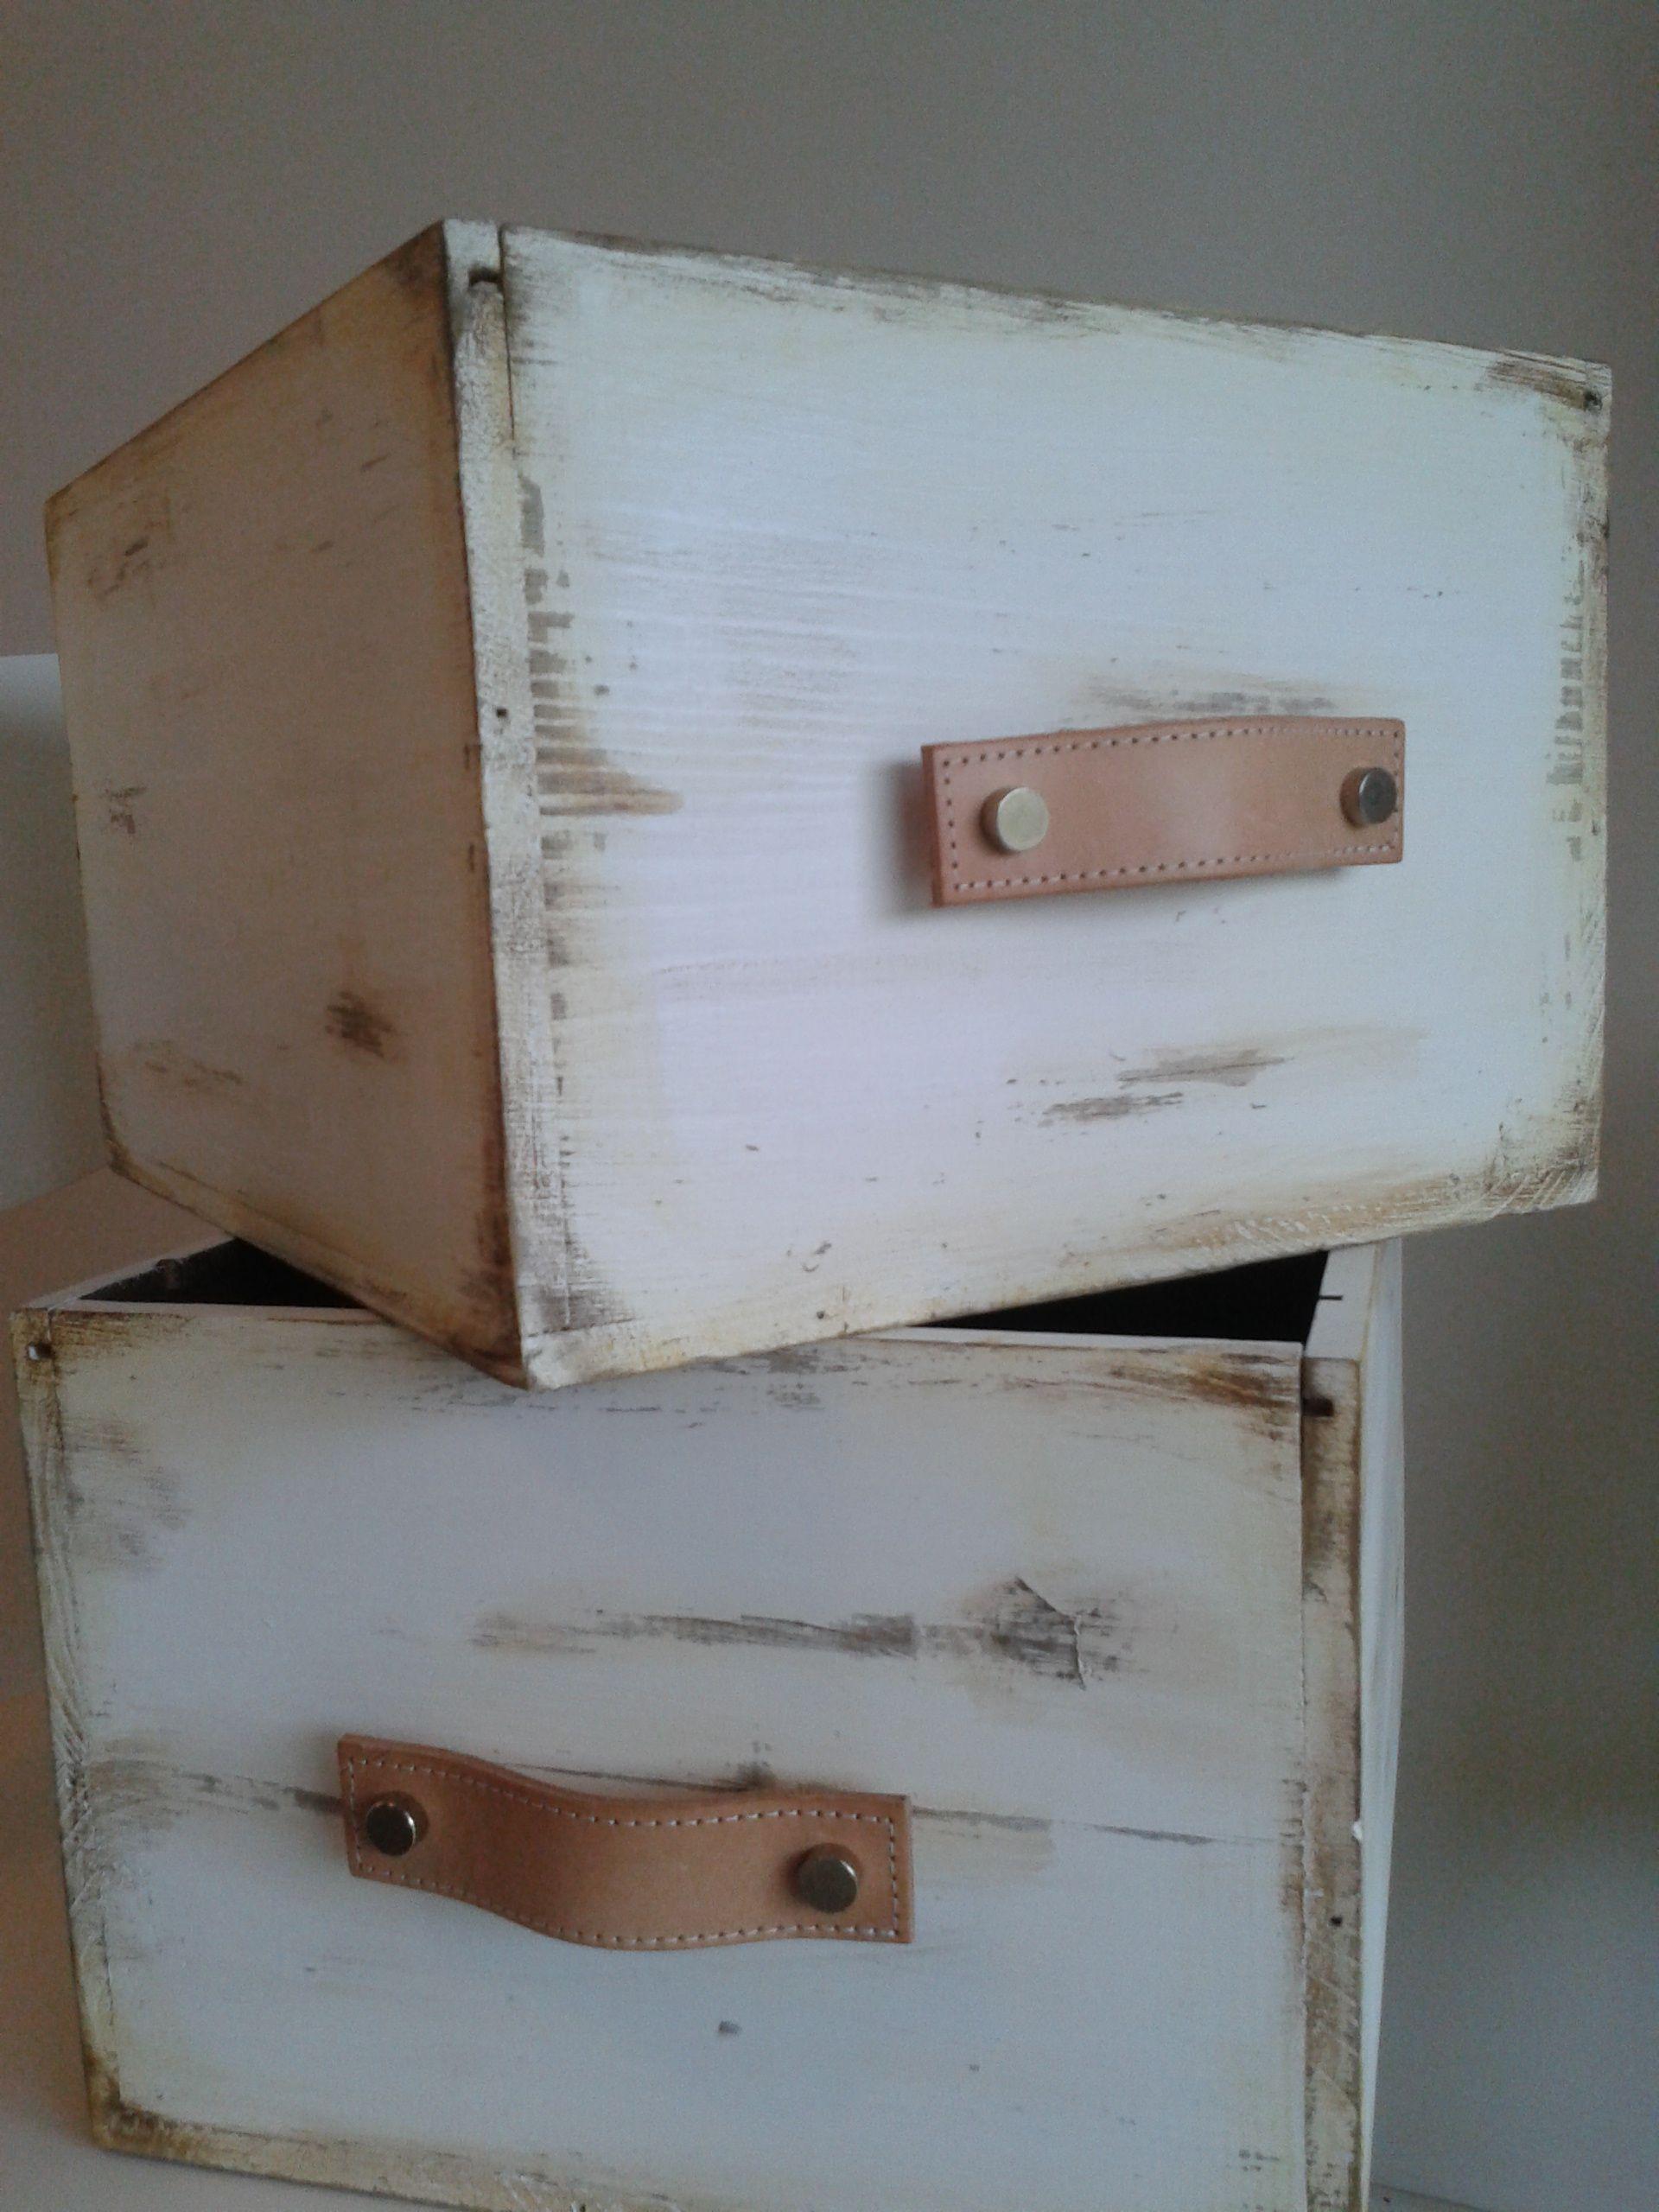 Tiradores de cajones de cuero buscar con google cajas - Tiradores de cajones ...